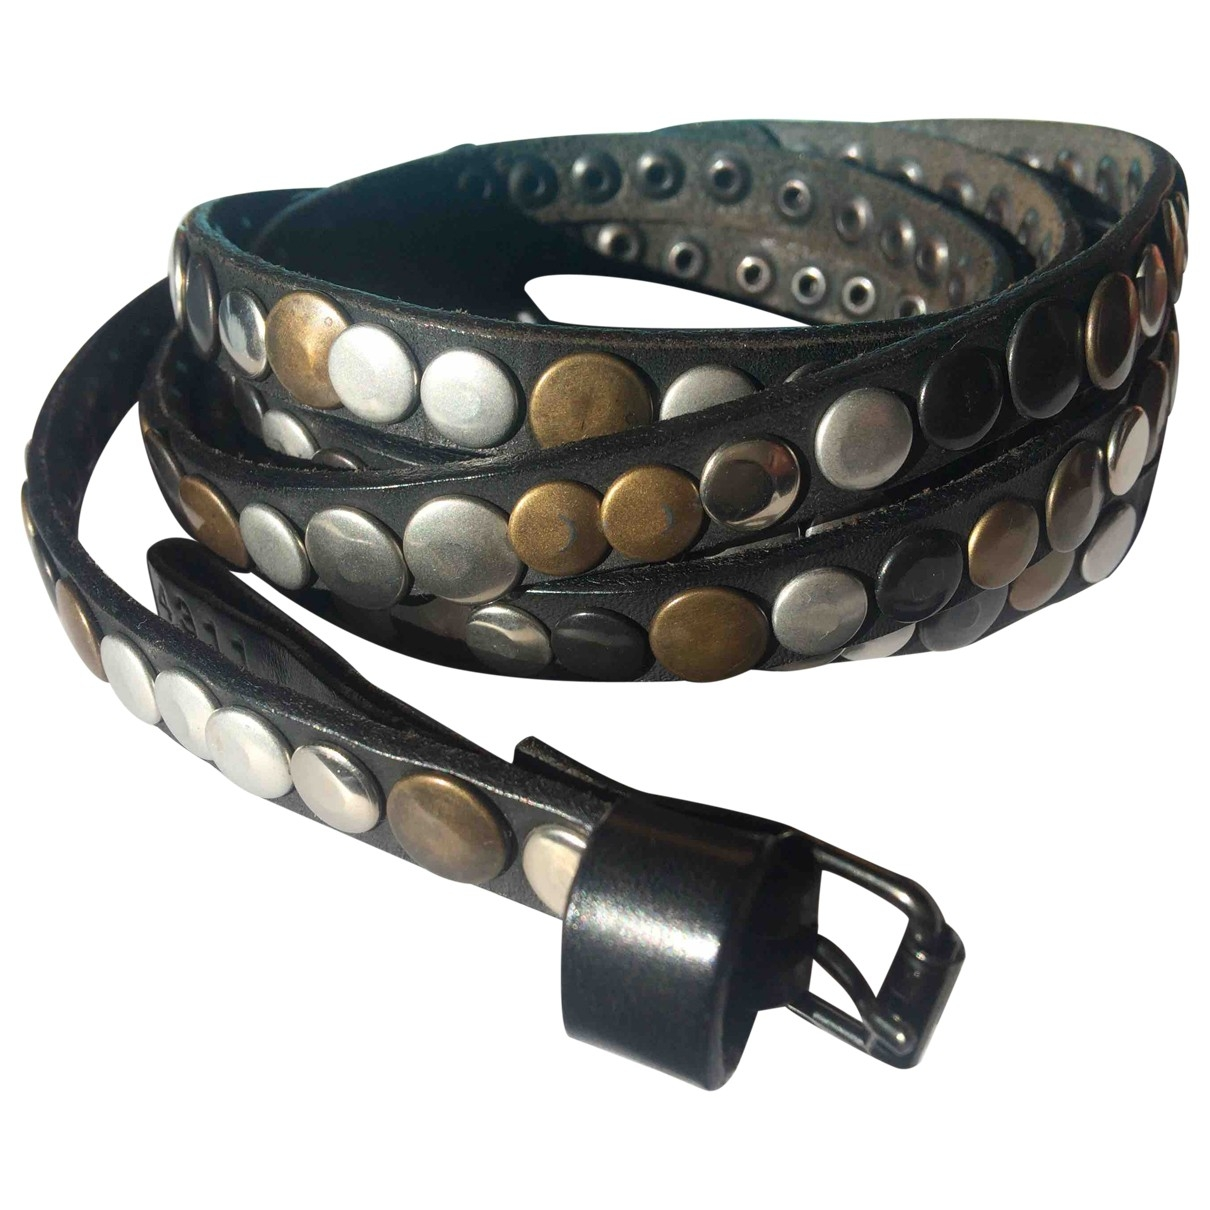 Cinturon de Cuero Daniele Alessandrini